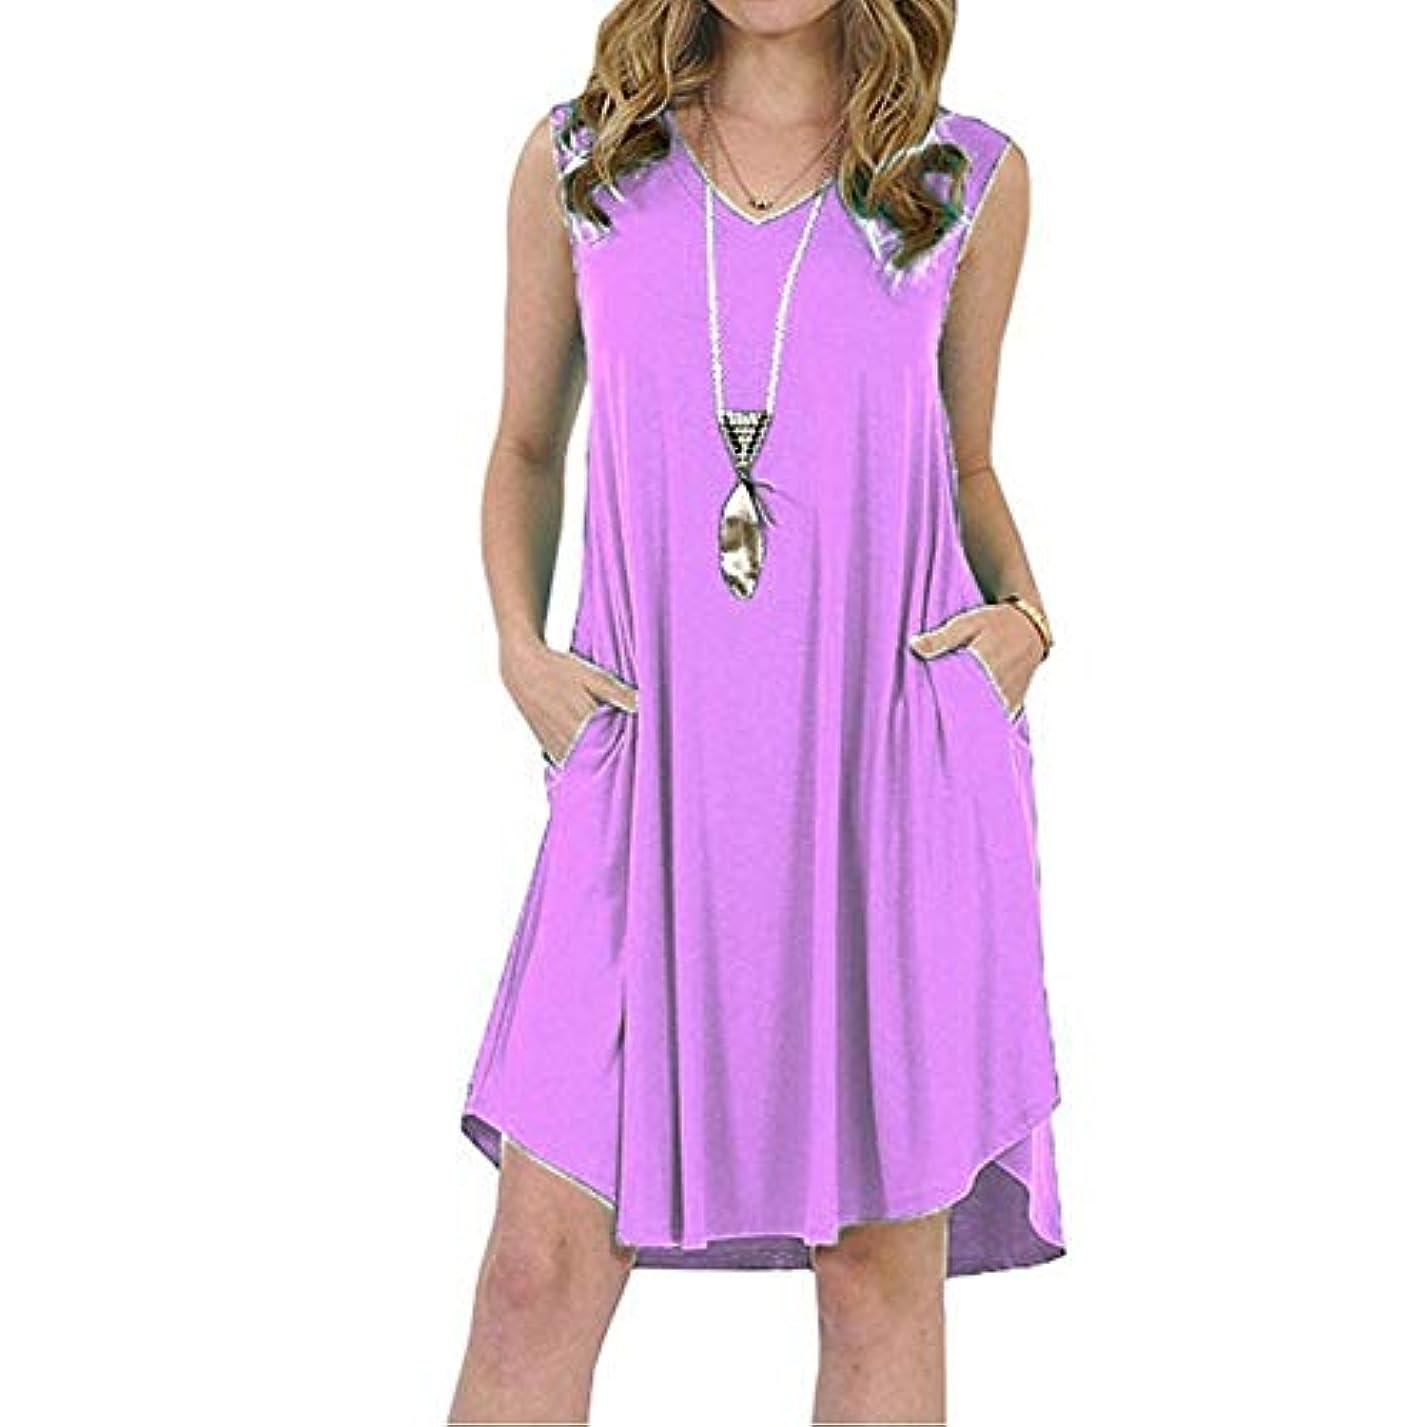 ハウジングメキシコデモンストレーションMIFAN の女性のドレスカジュアルな不規則なドレスルースサマービーチTシャツドレス